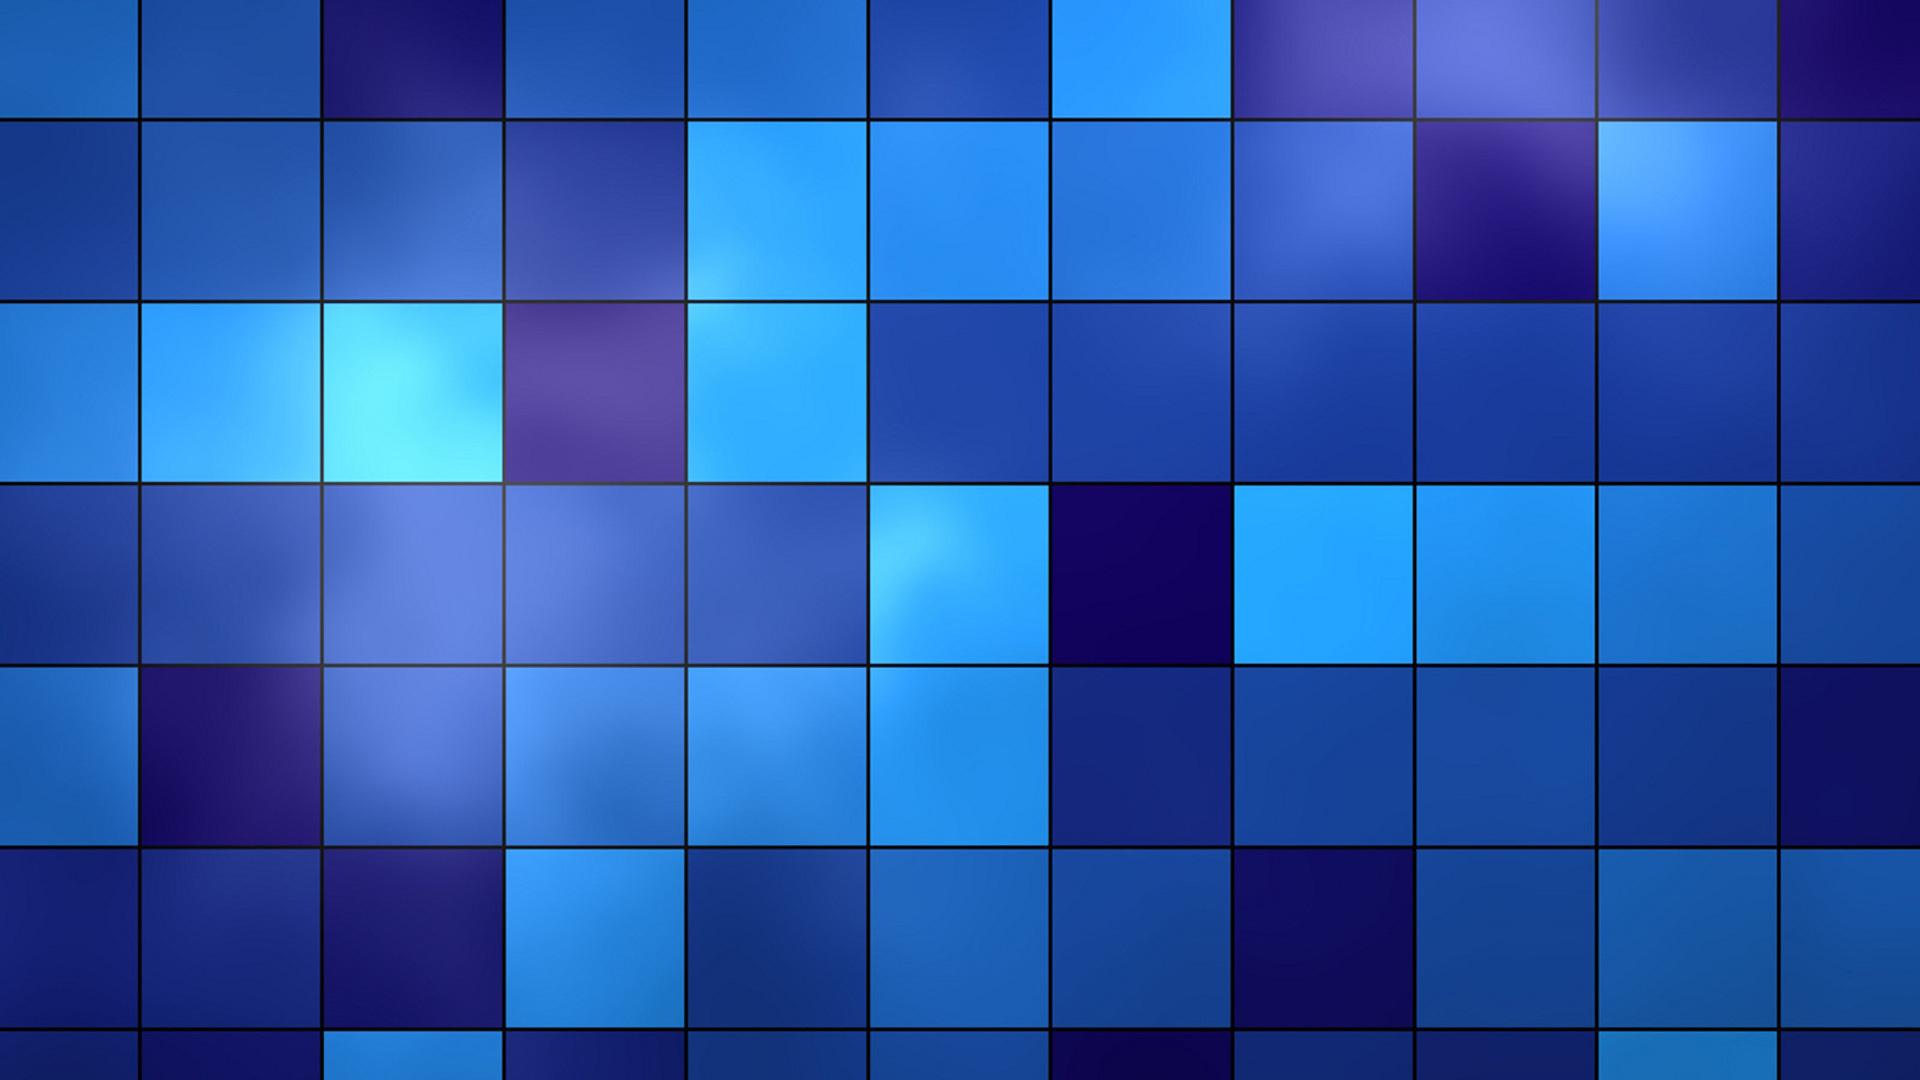 Красивые обои фон синий   подборка 25 картинок (17)